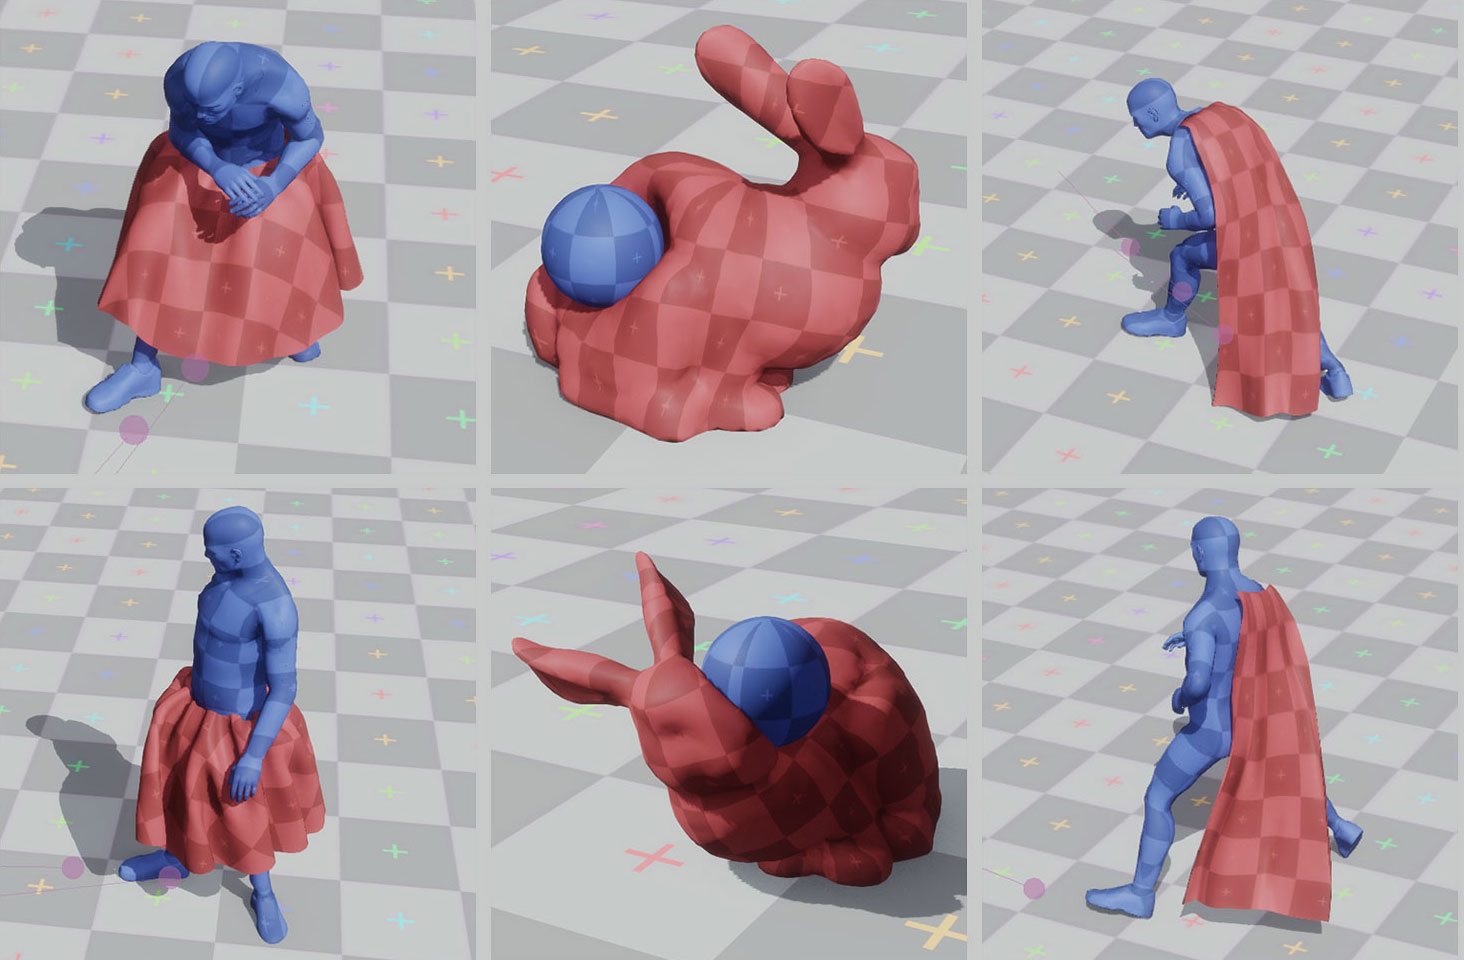 Ubisoft La Forge produit une simulation physique basée sur l'apprentissage machine